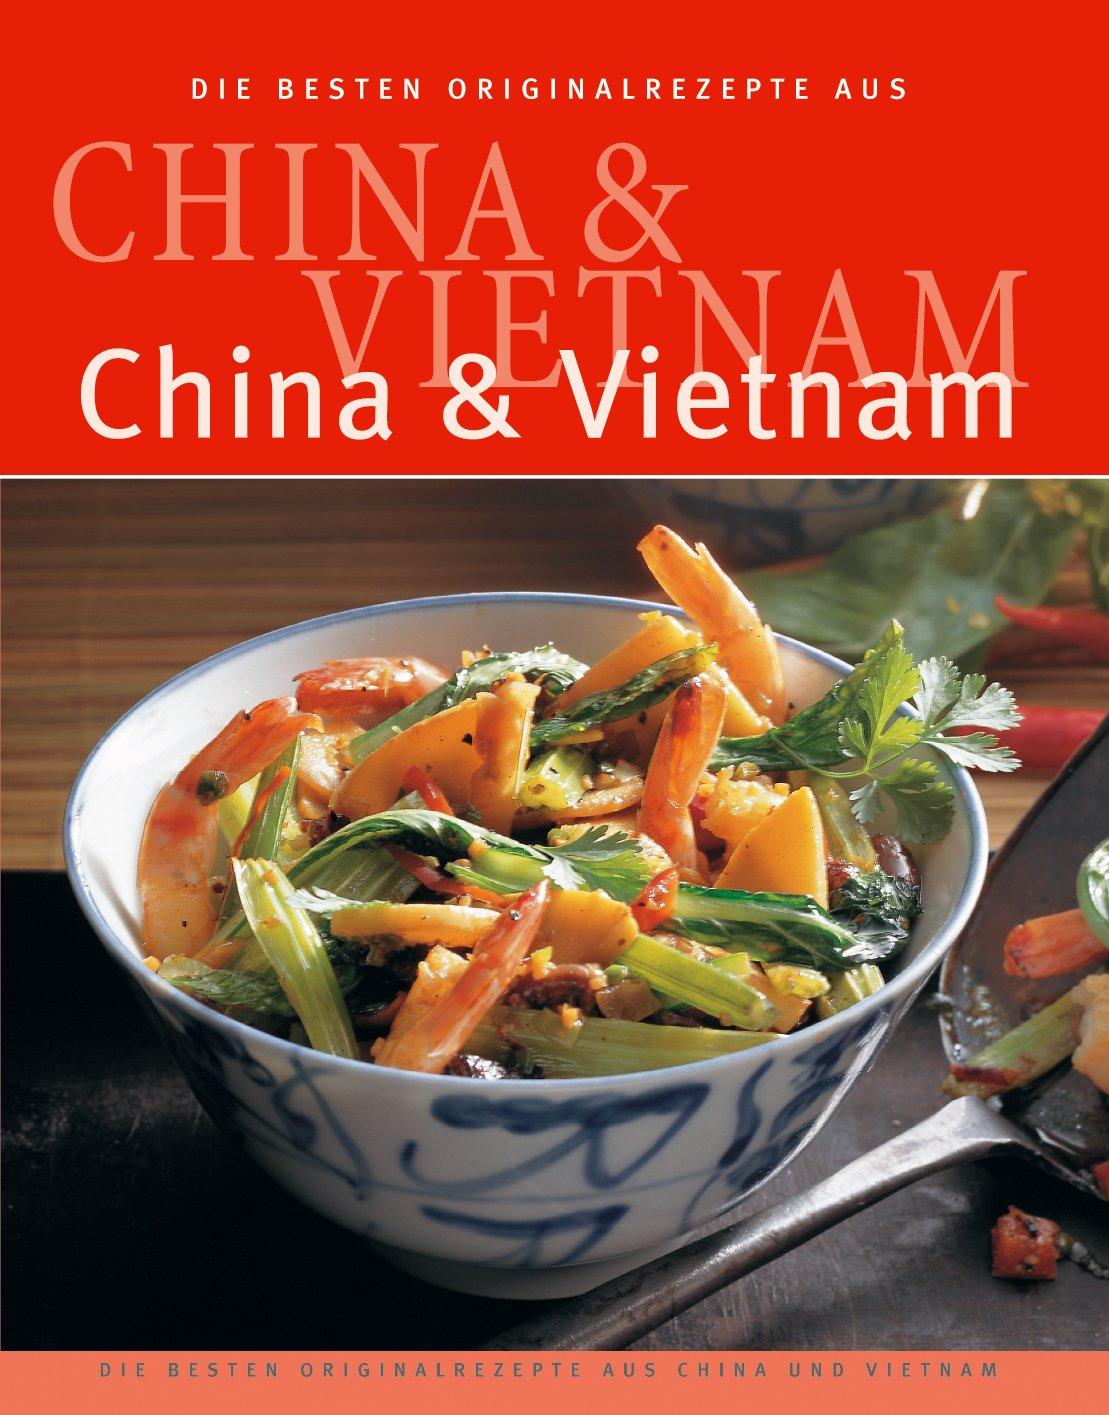 Die besten Originalrezepte aus China und Vietnam